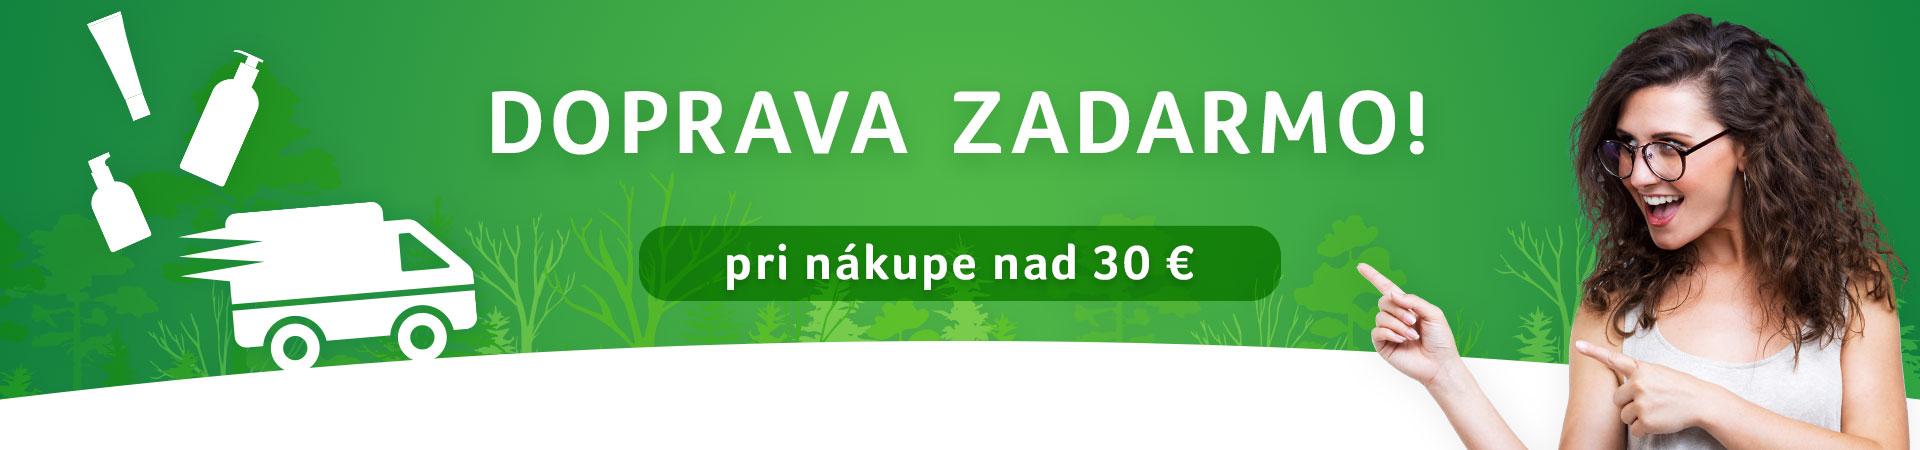 Využite Dopravu zadarmo nad 30 eur - Garatujeme doručenie do vianoc